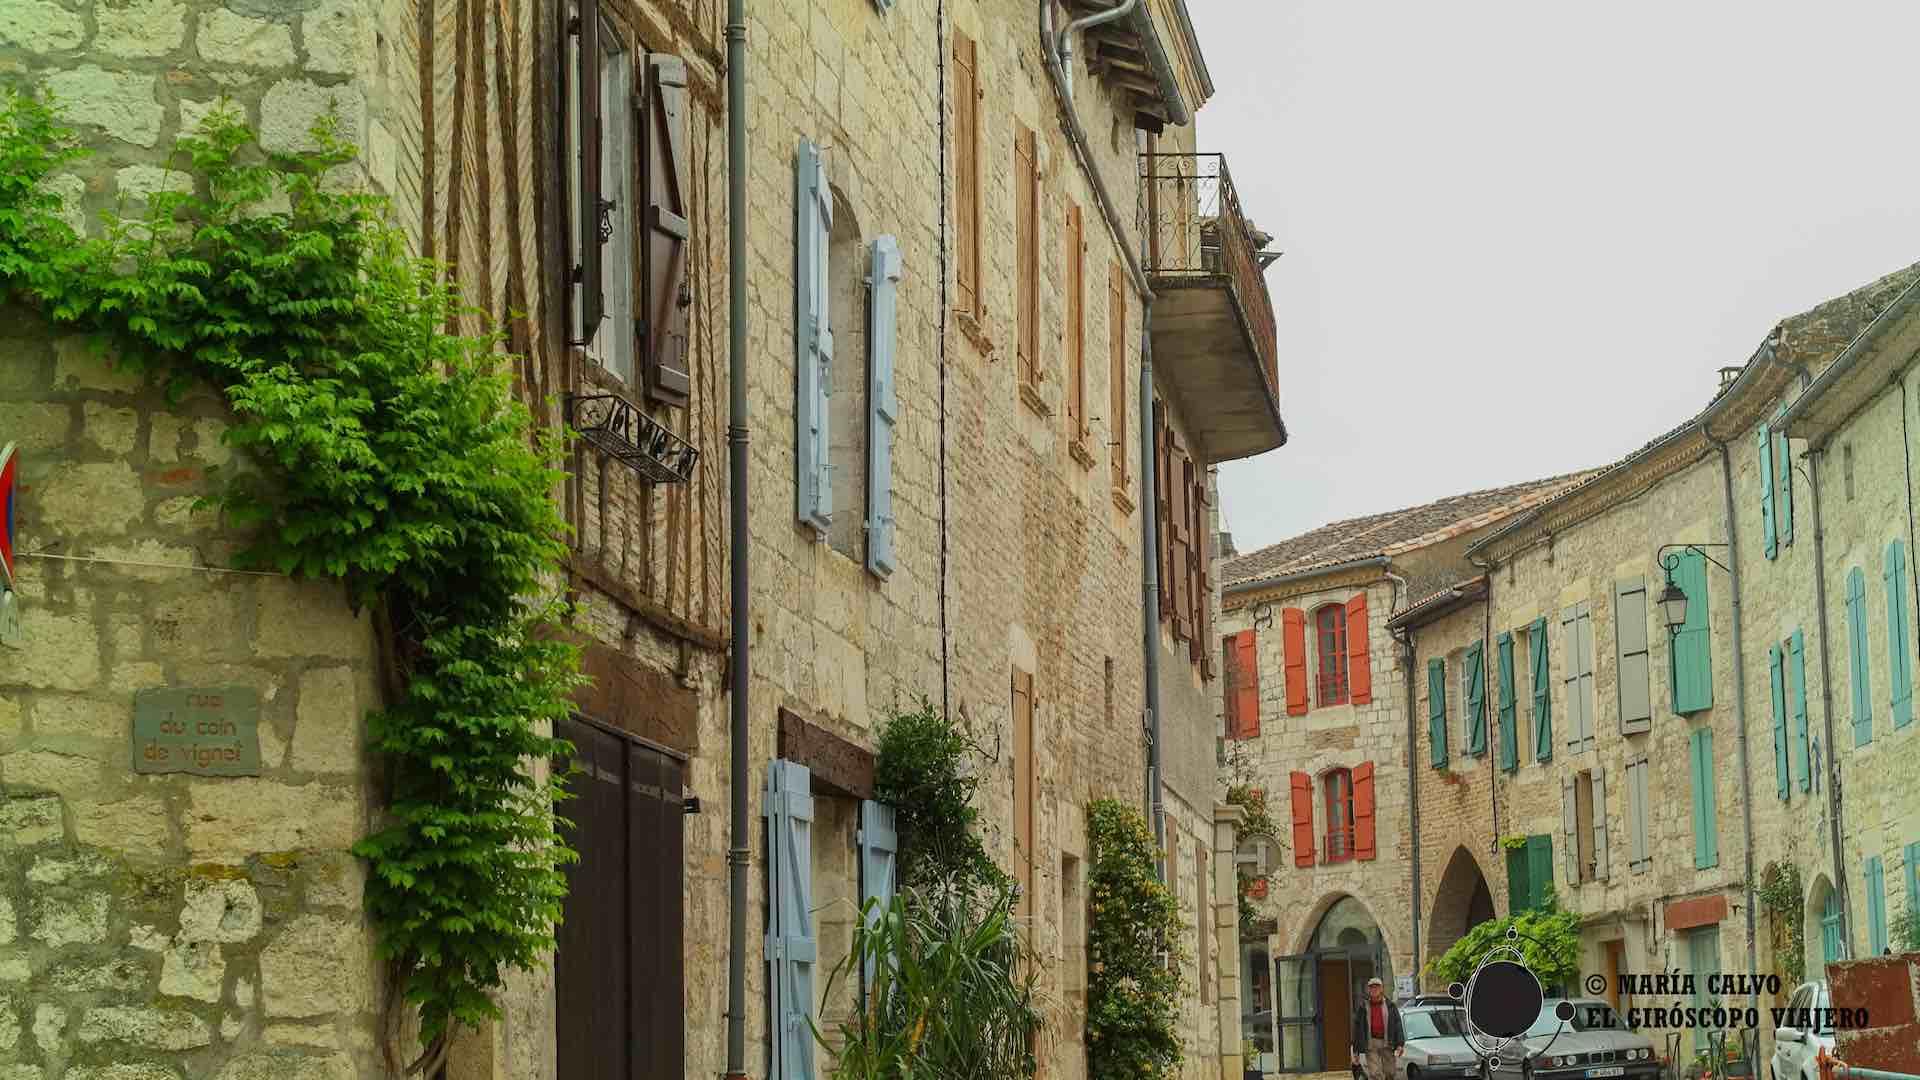 Viaje en el tiempo por las calles medievales de Lauzerte